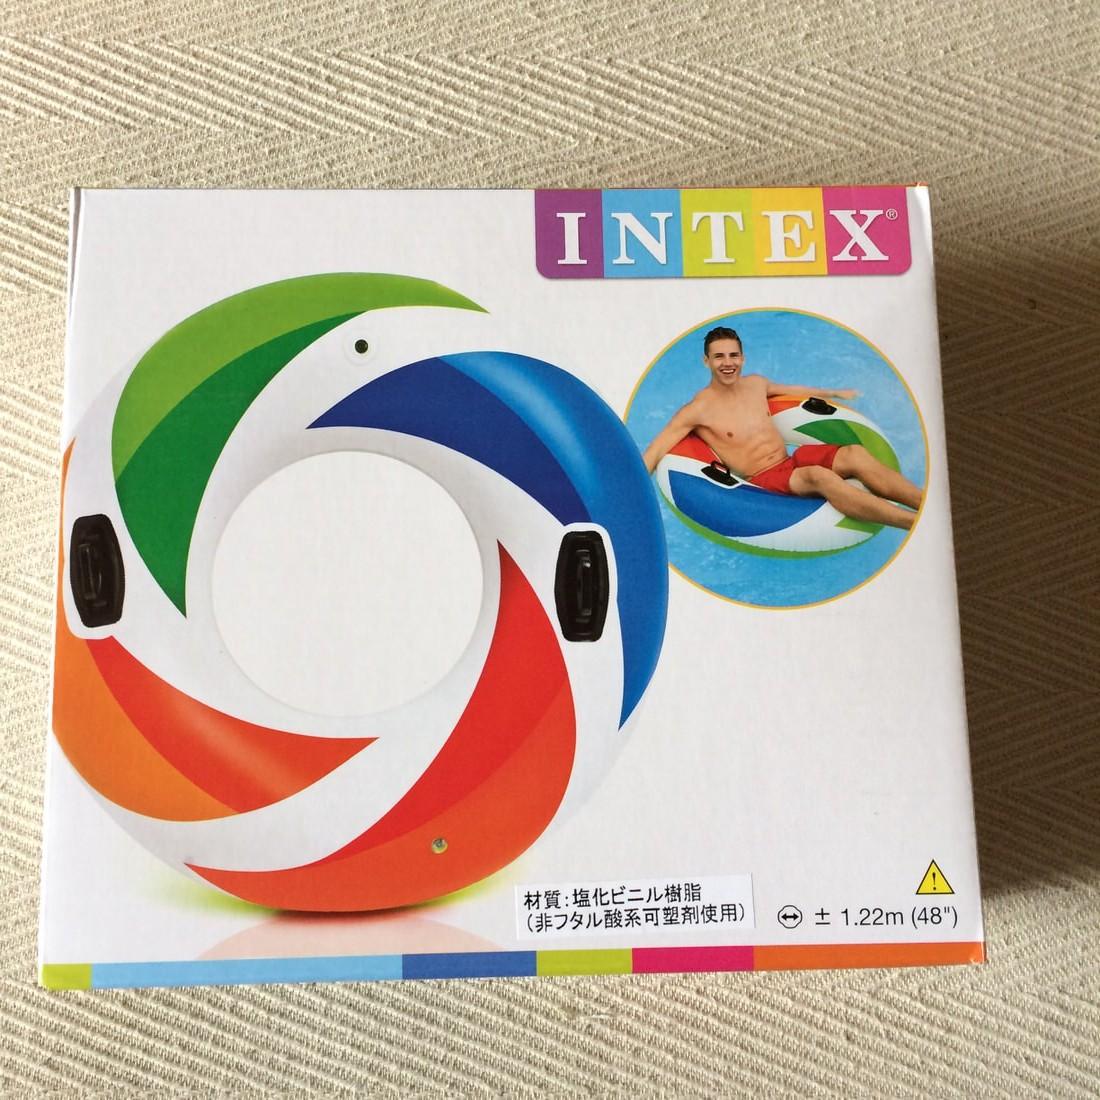 大きい浮き輪をAmazonで購入するならINTEXで決まり!